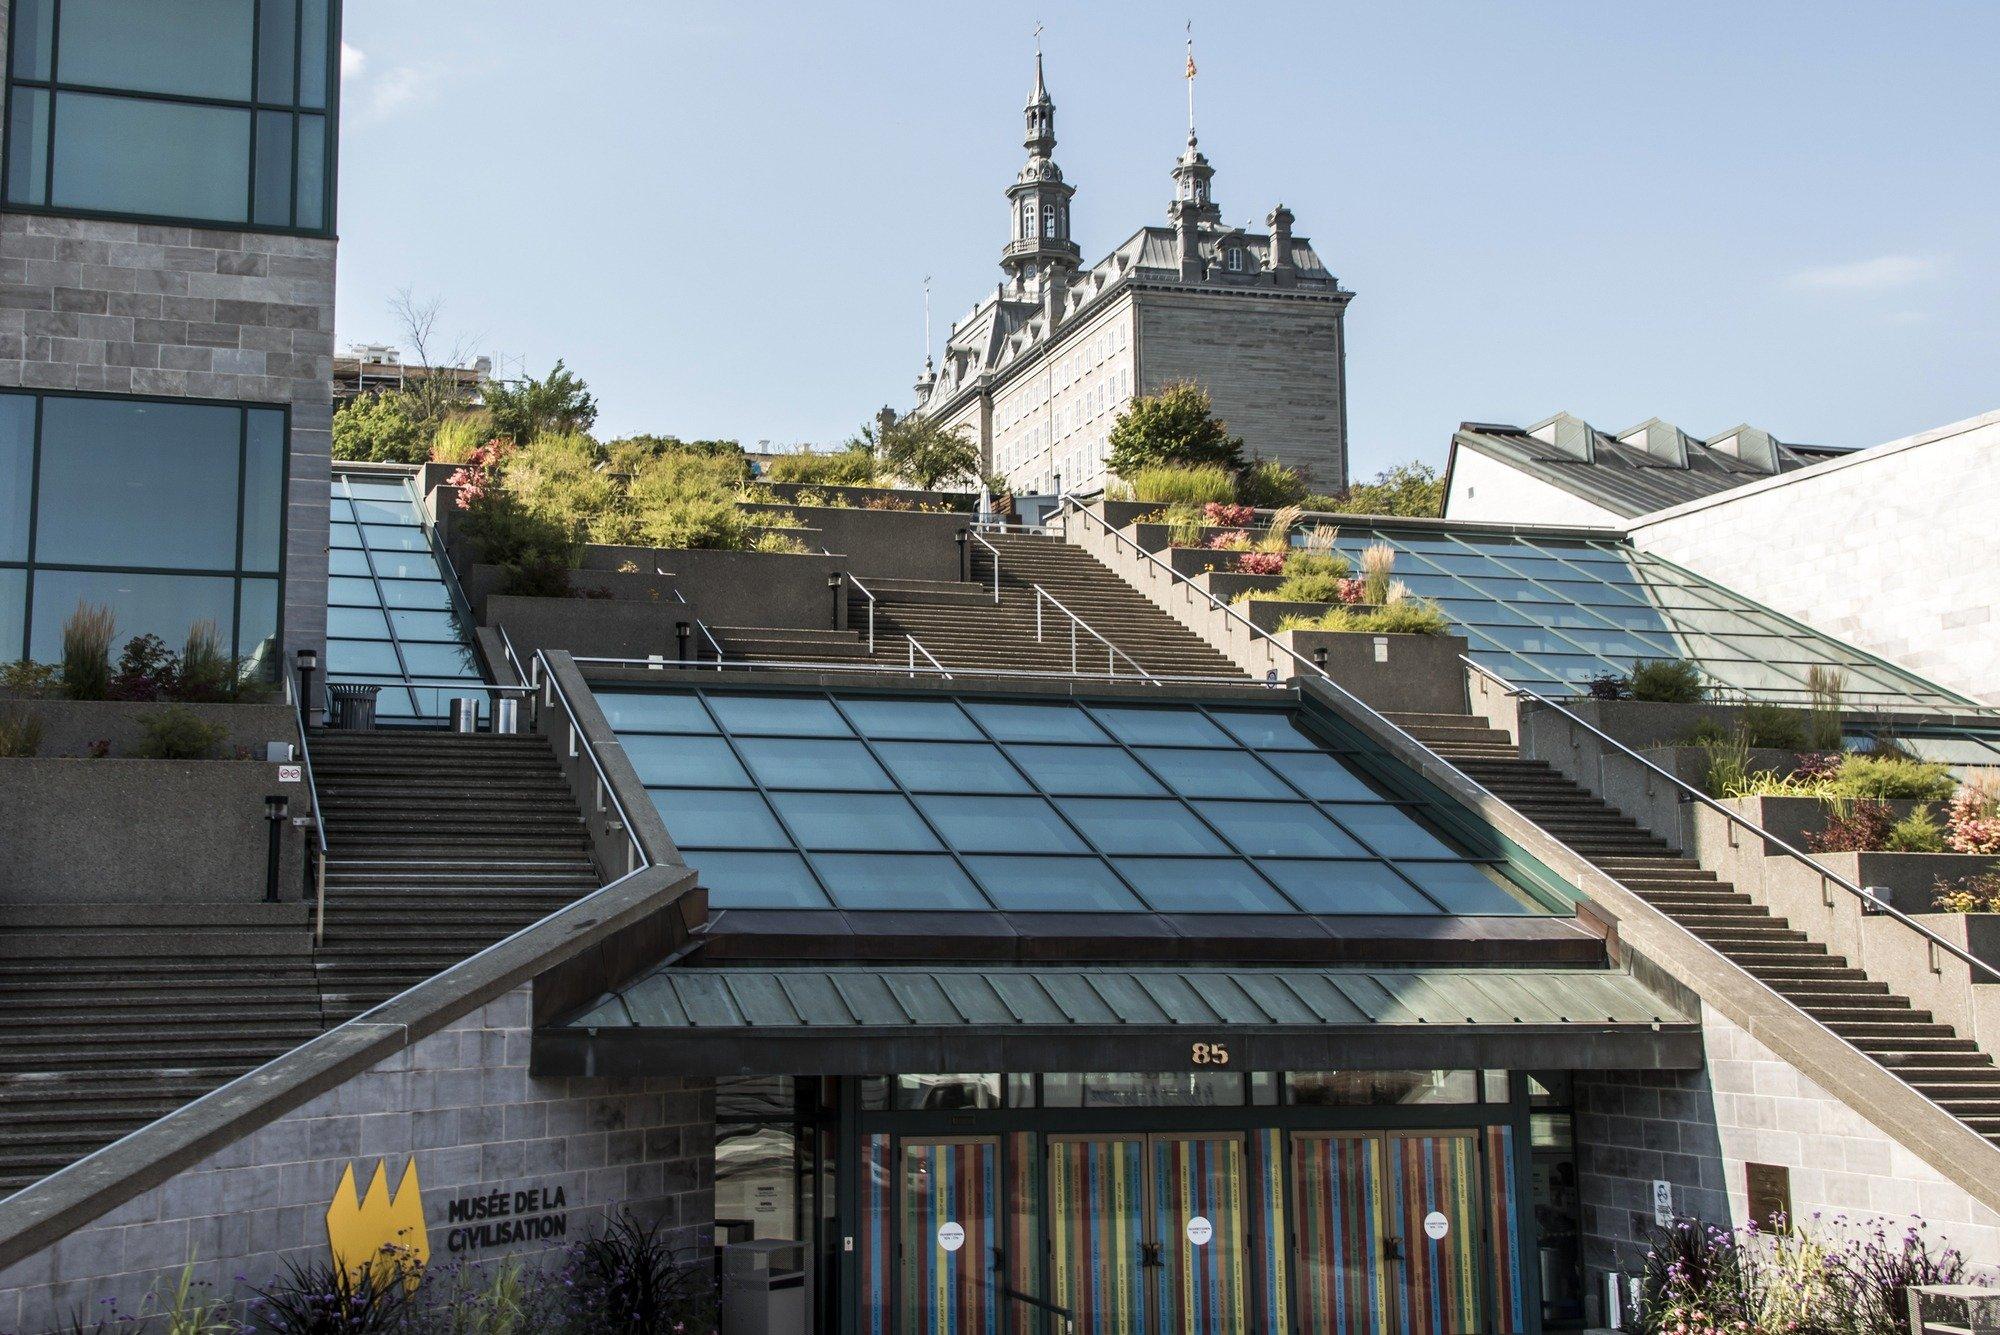 Entrance of Musée de la Civilisation in Quebec City